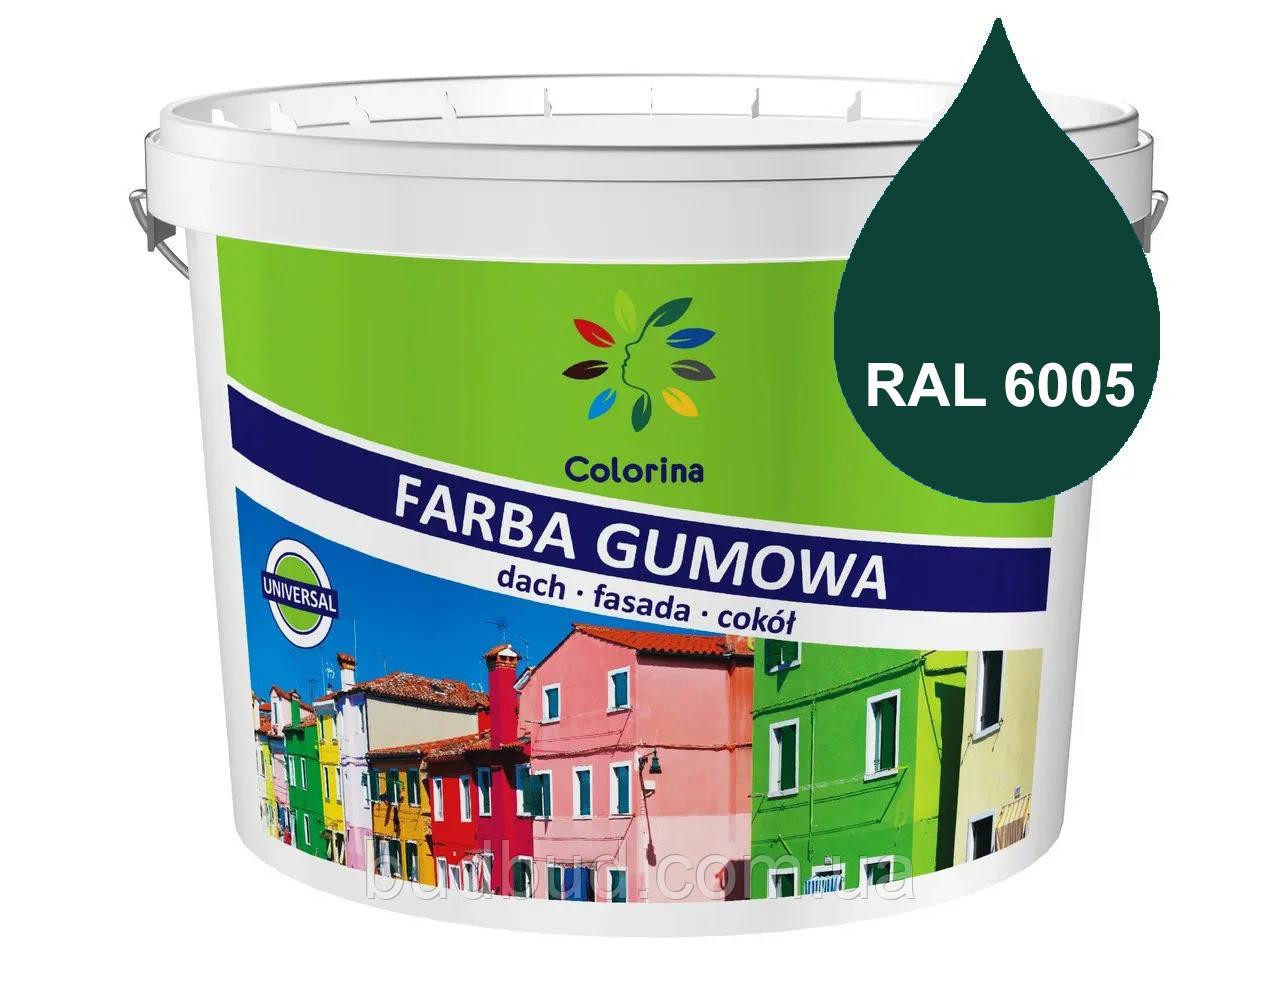 Фарба гумова зелена RAL 5015 COLORINA 3,6 кг